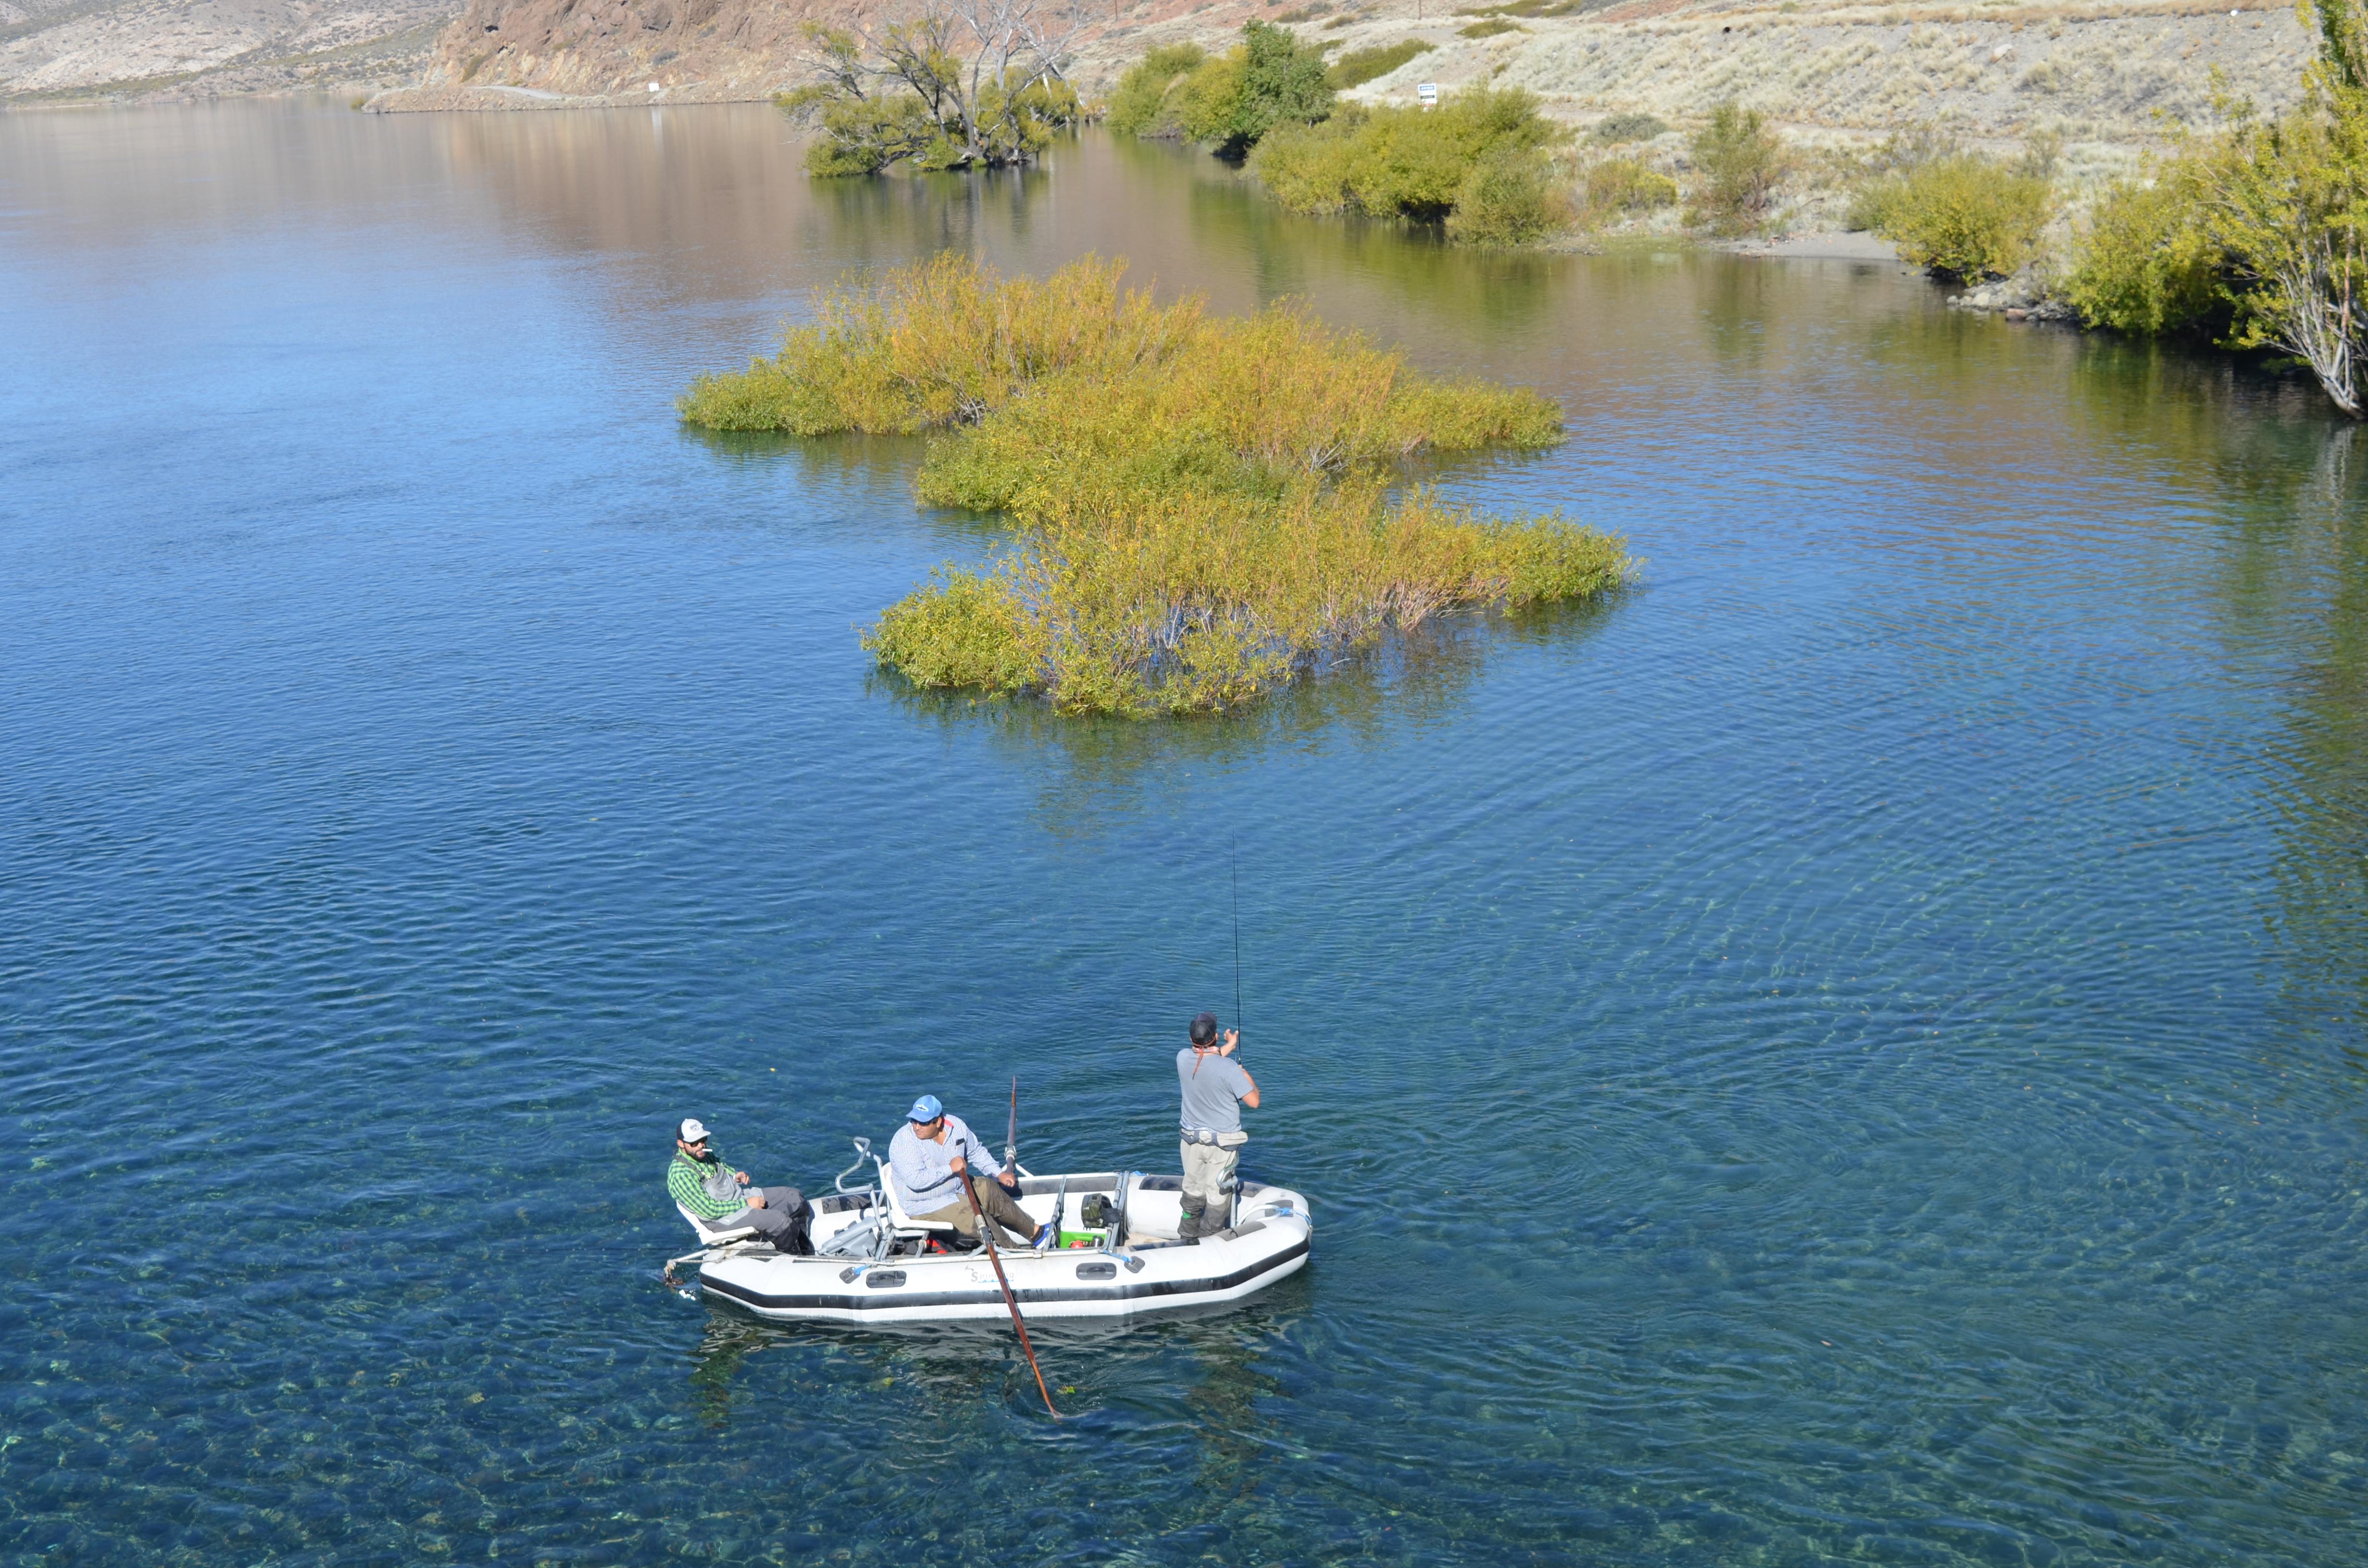 Pesca de truchas en Embalse Pichi Picún Leufú